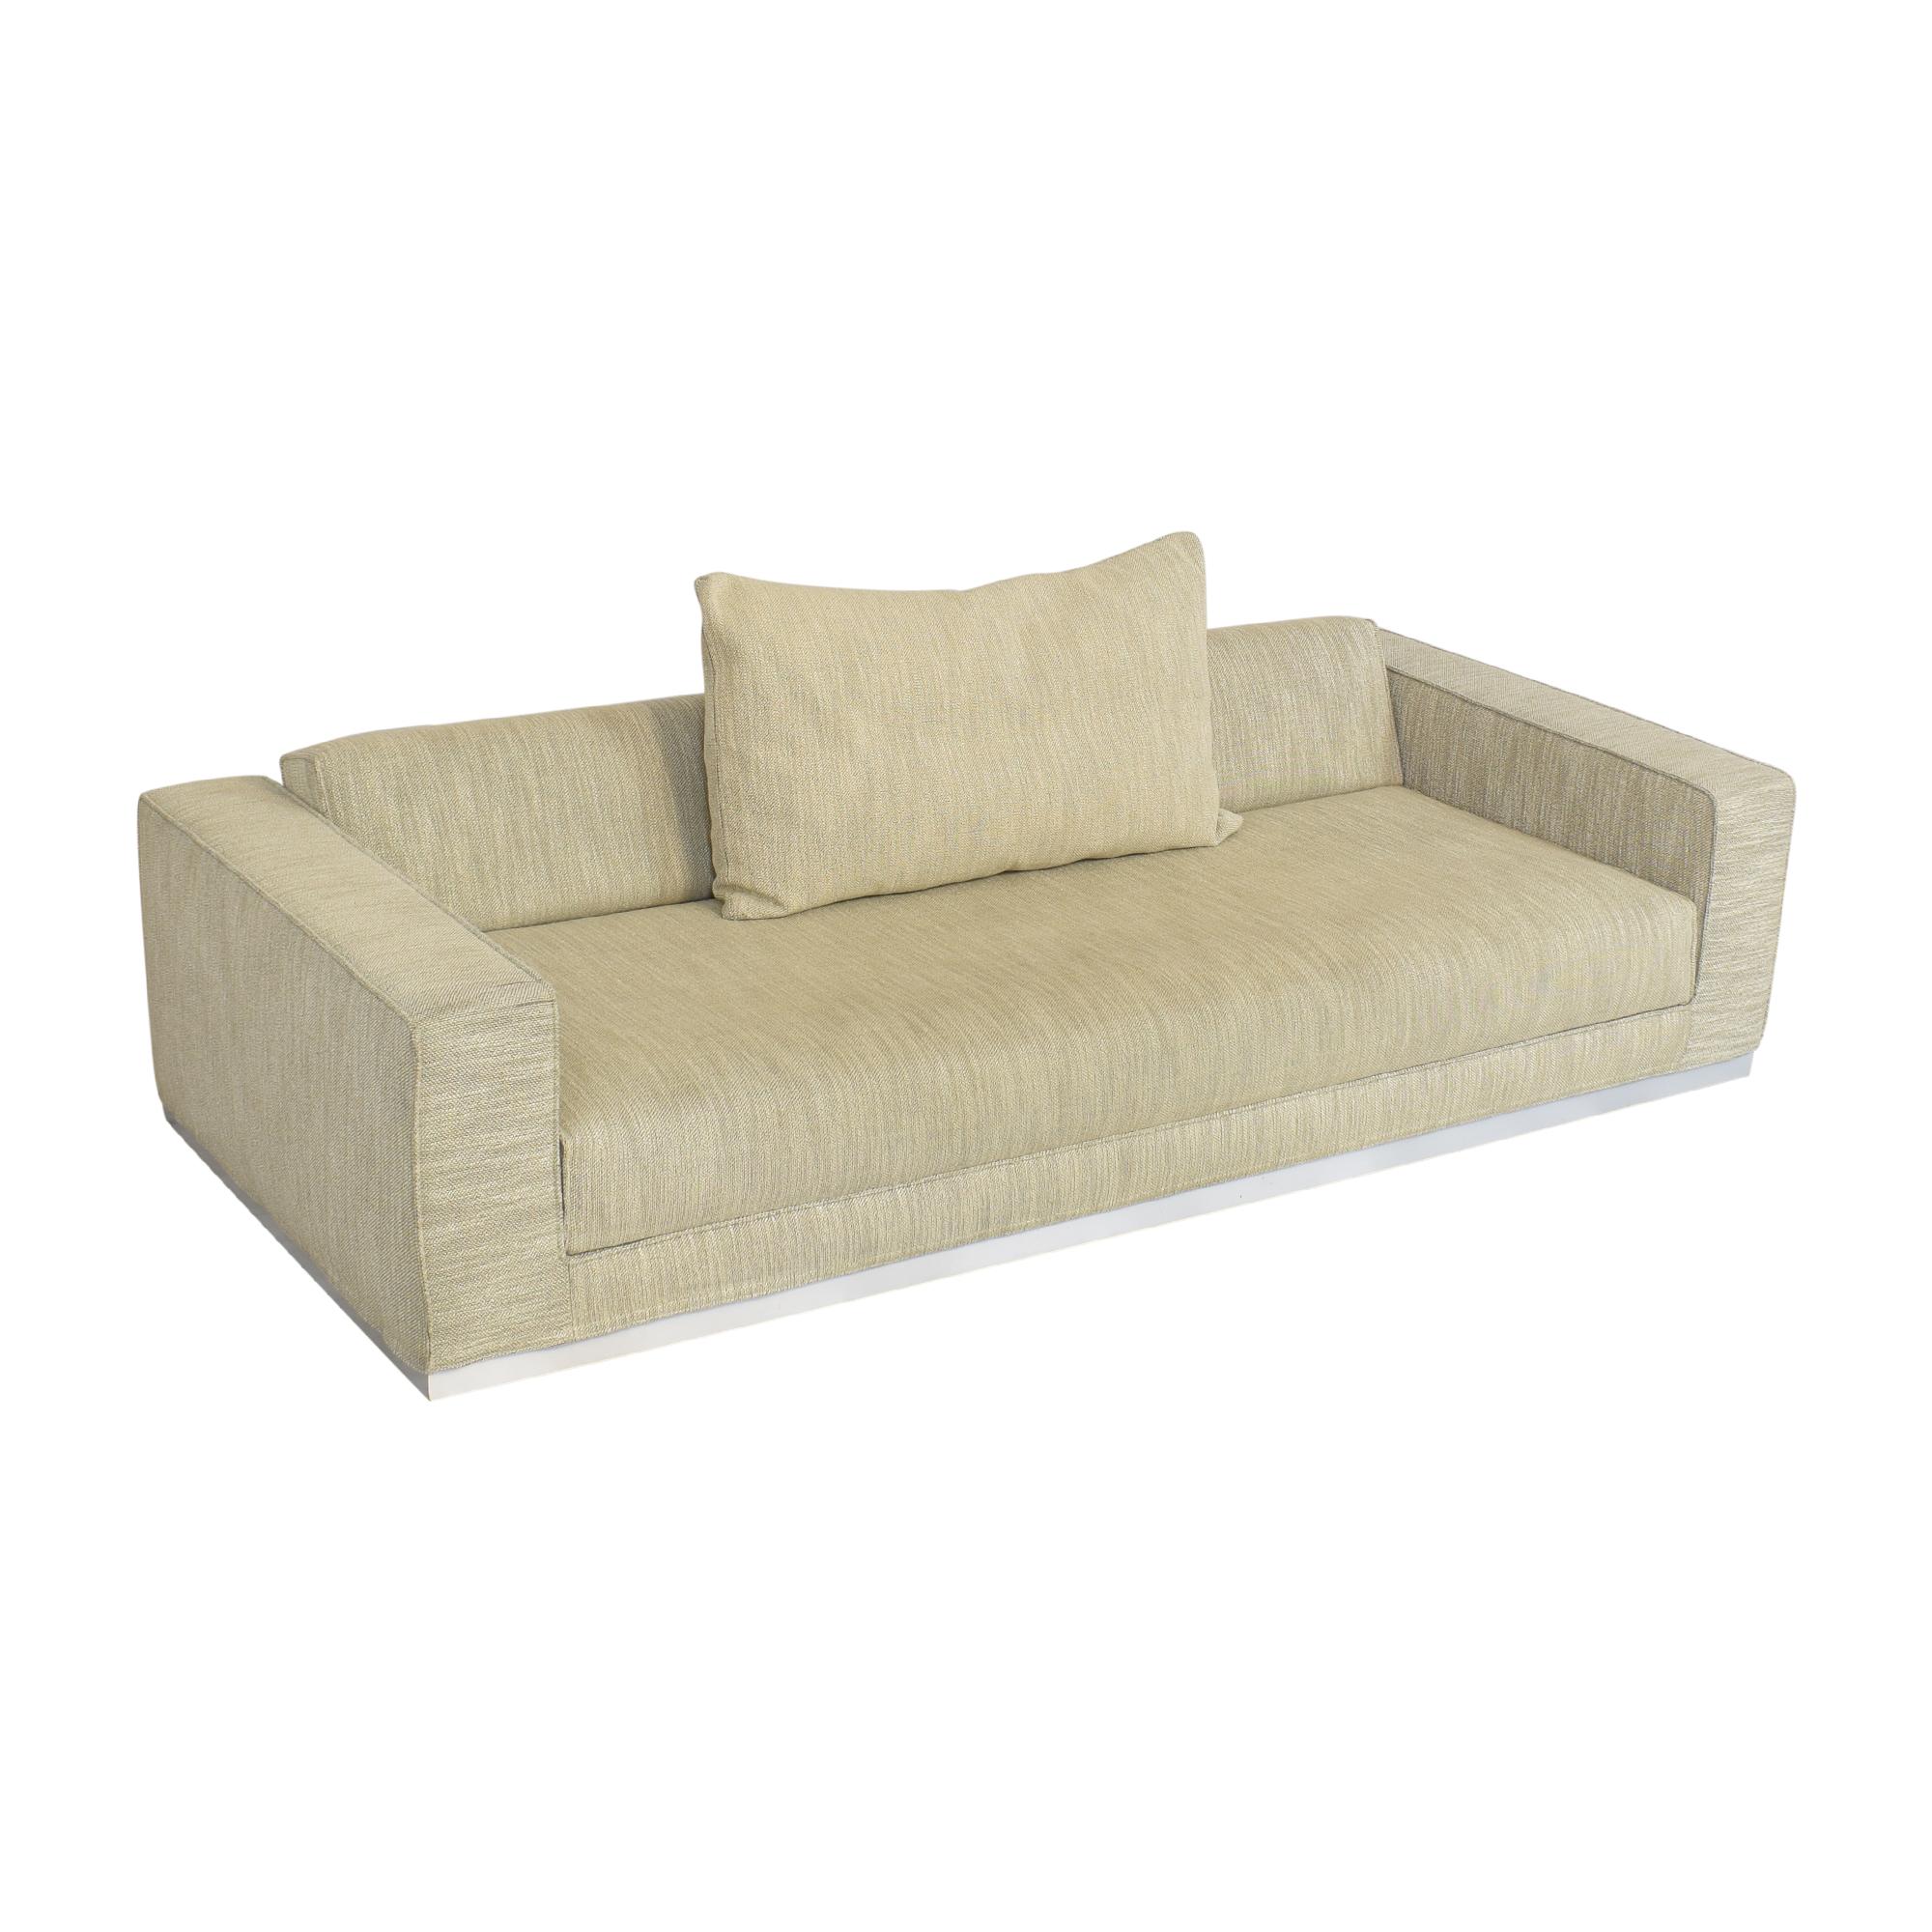 shop Design Within Reach Design Within Reach Havana Sleeper Sofa online